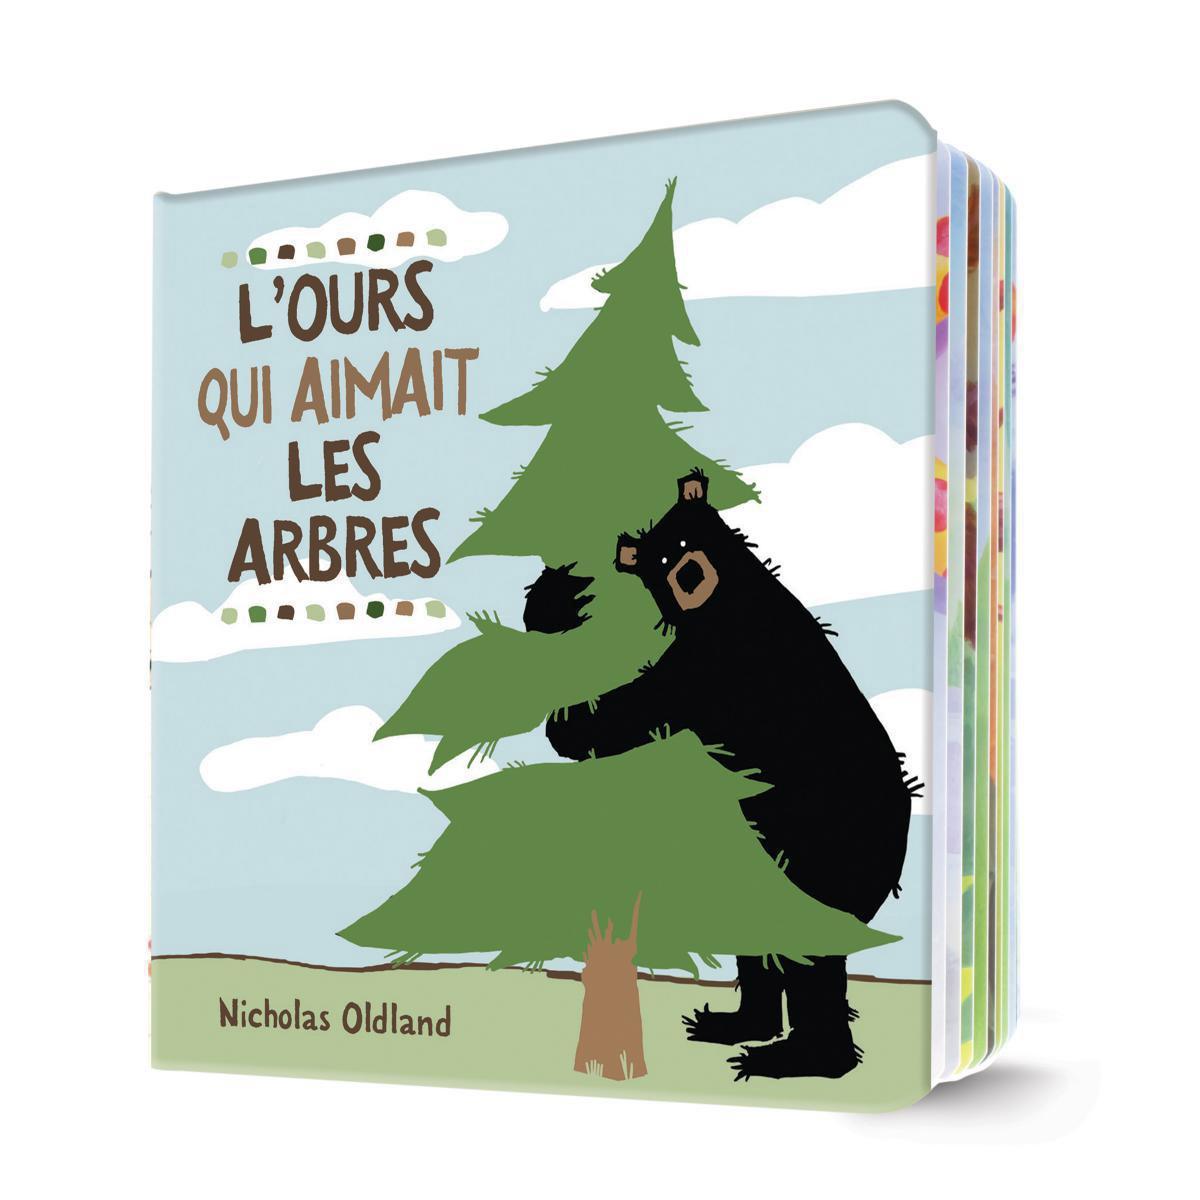 L'ours qui aimait les arbres